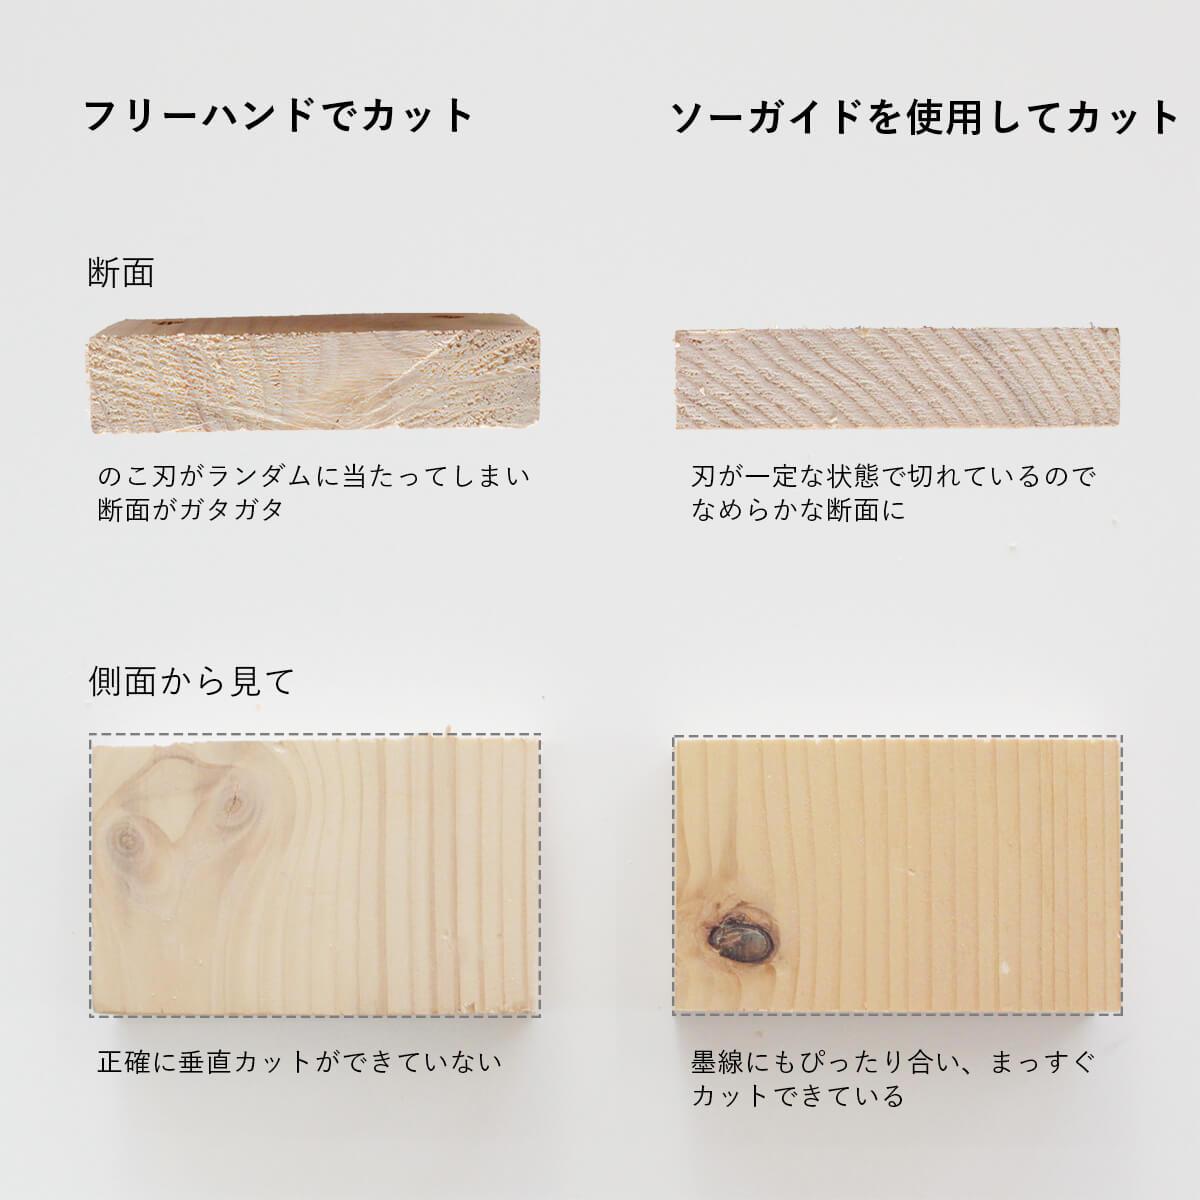 ソーガイド・エフ 鋸セット 補助ガイド付き ゼットソー